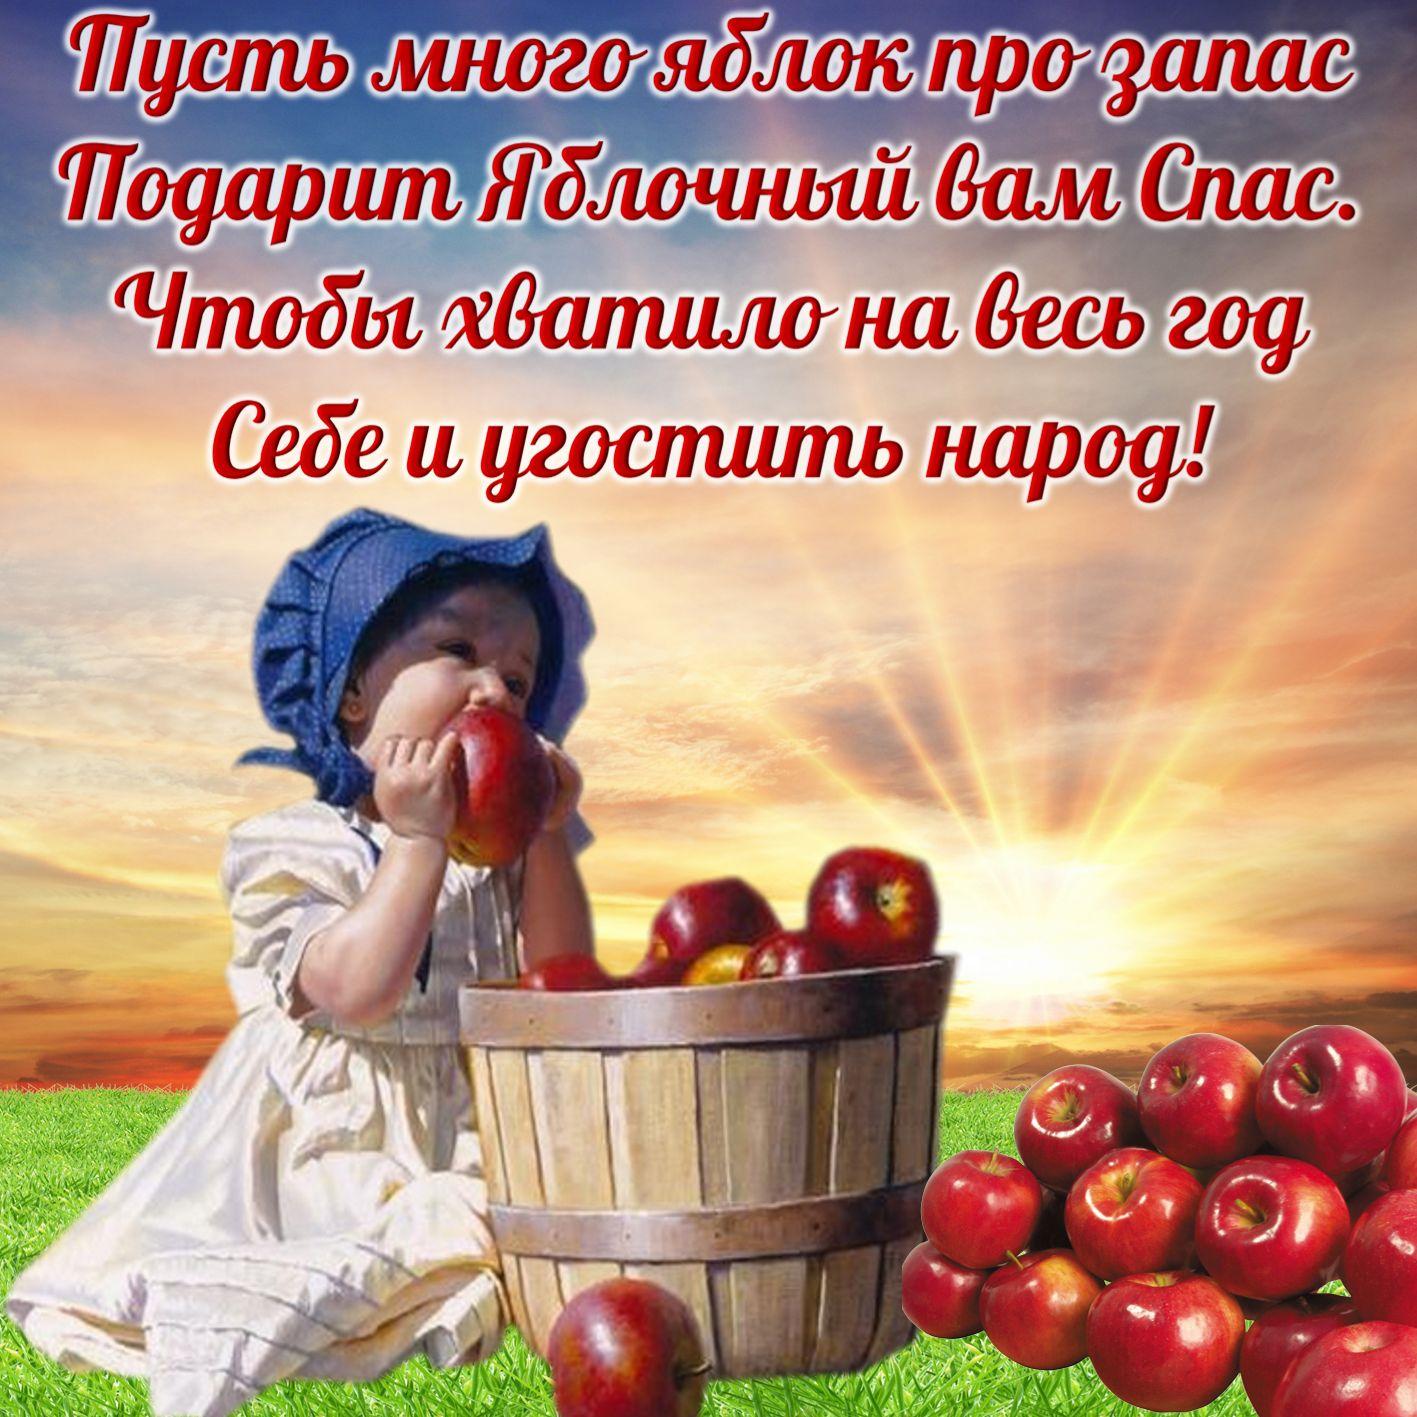 поздравление с яблочным спасом для любимого